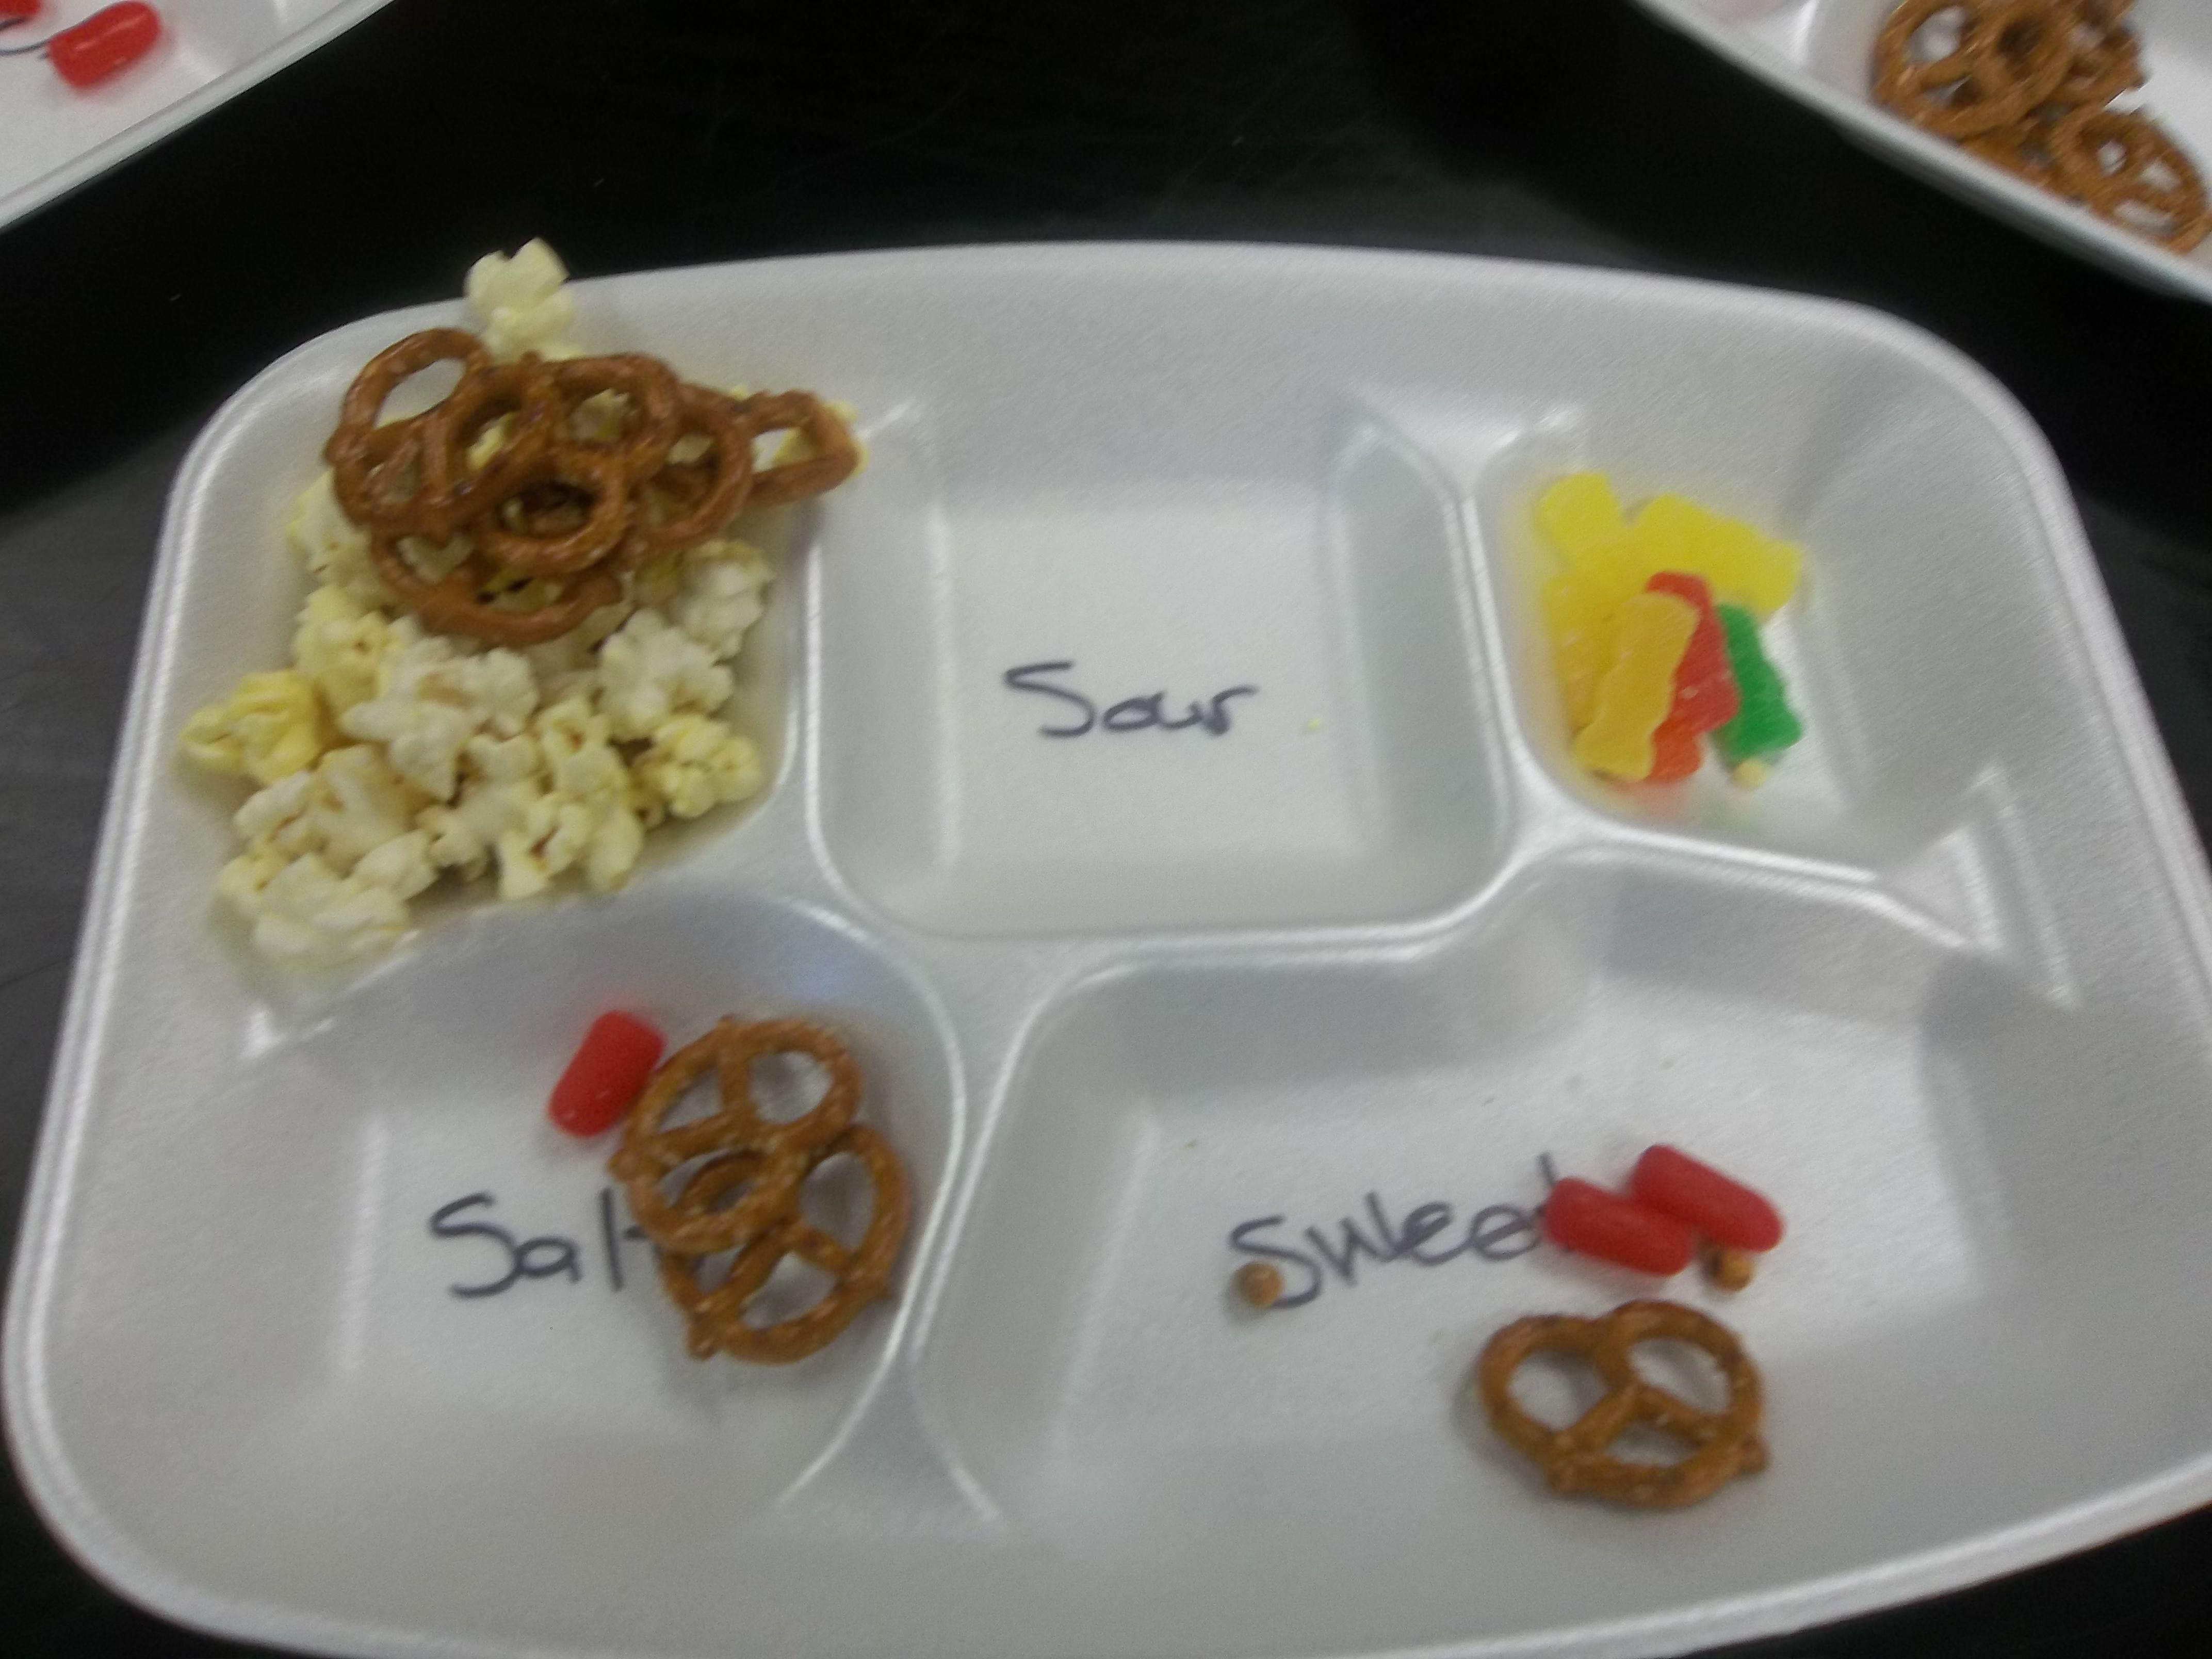 The Five Senses Food Sorting For Tasting